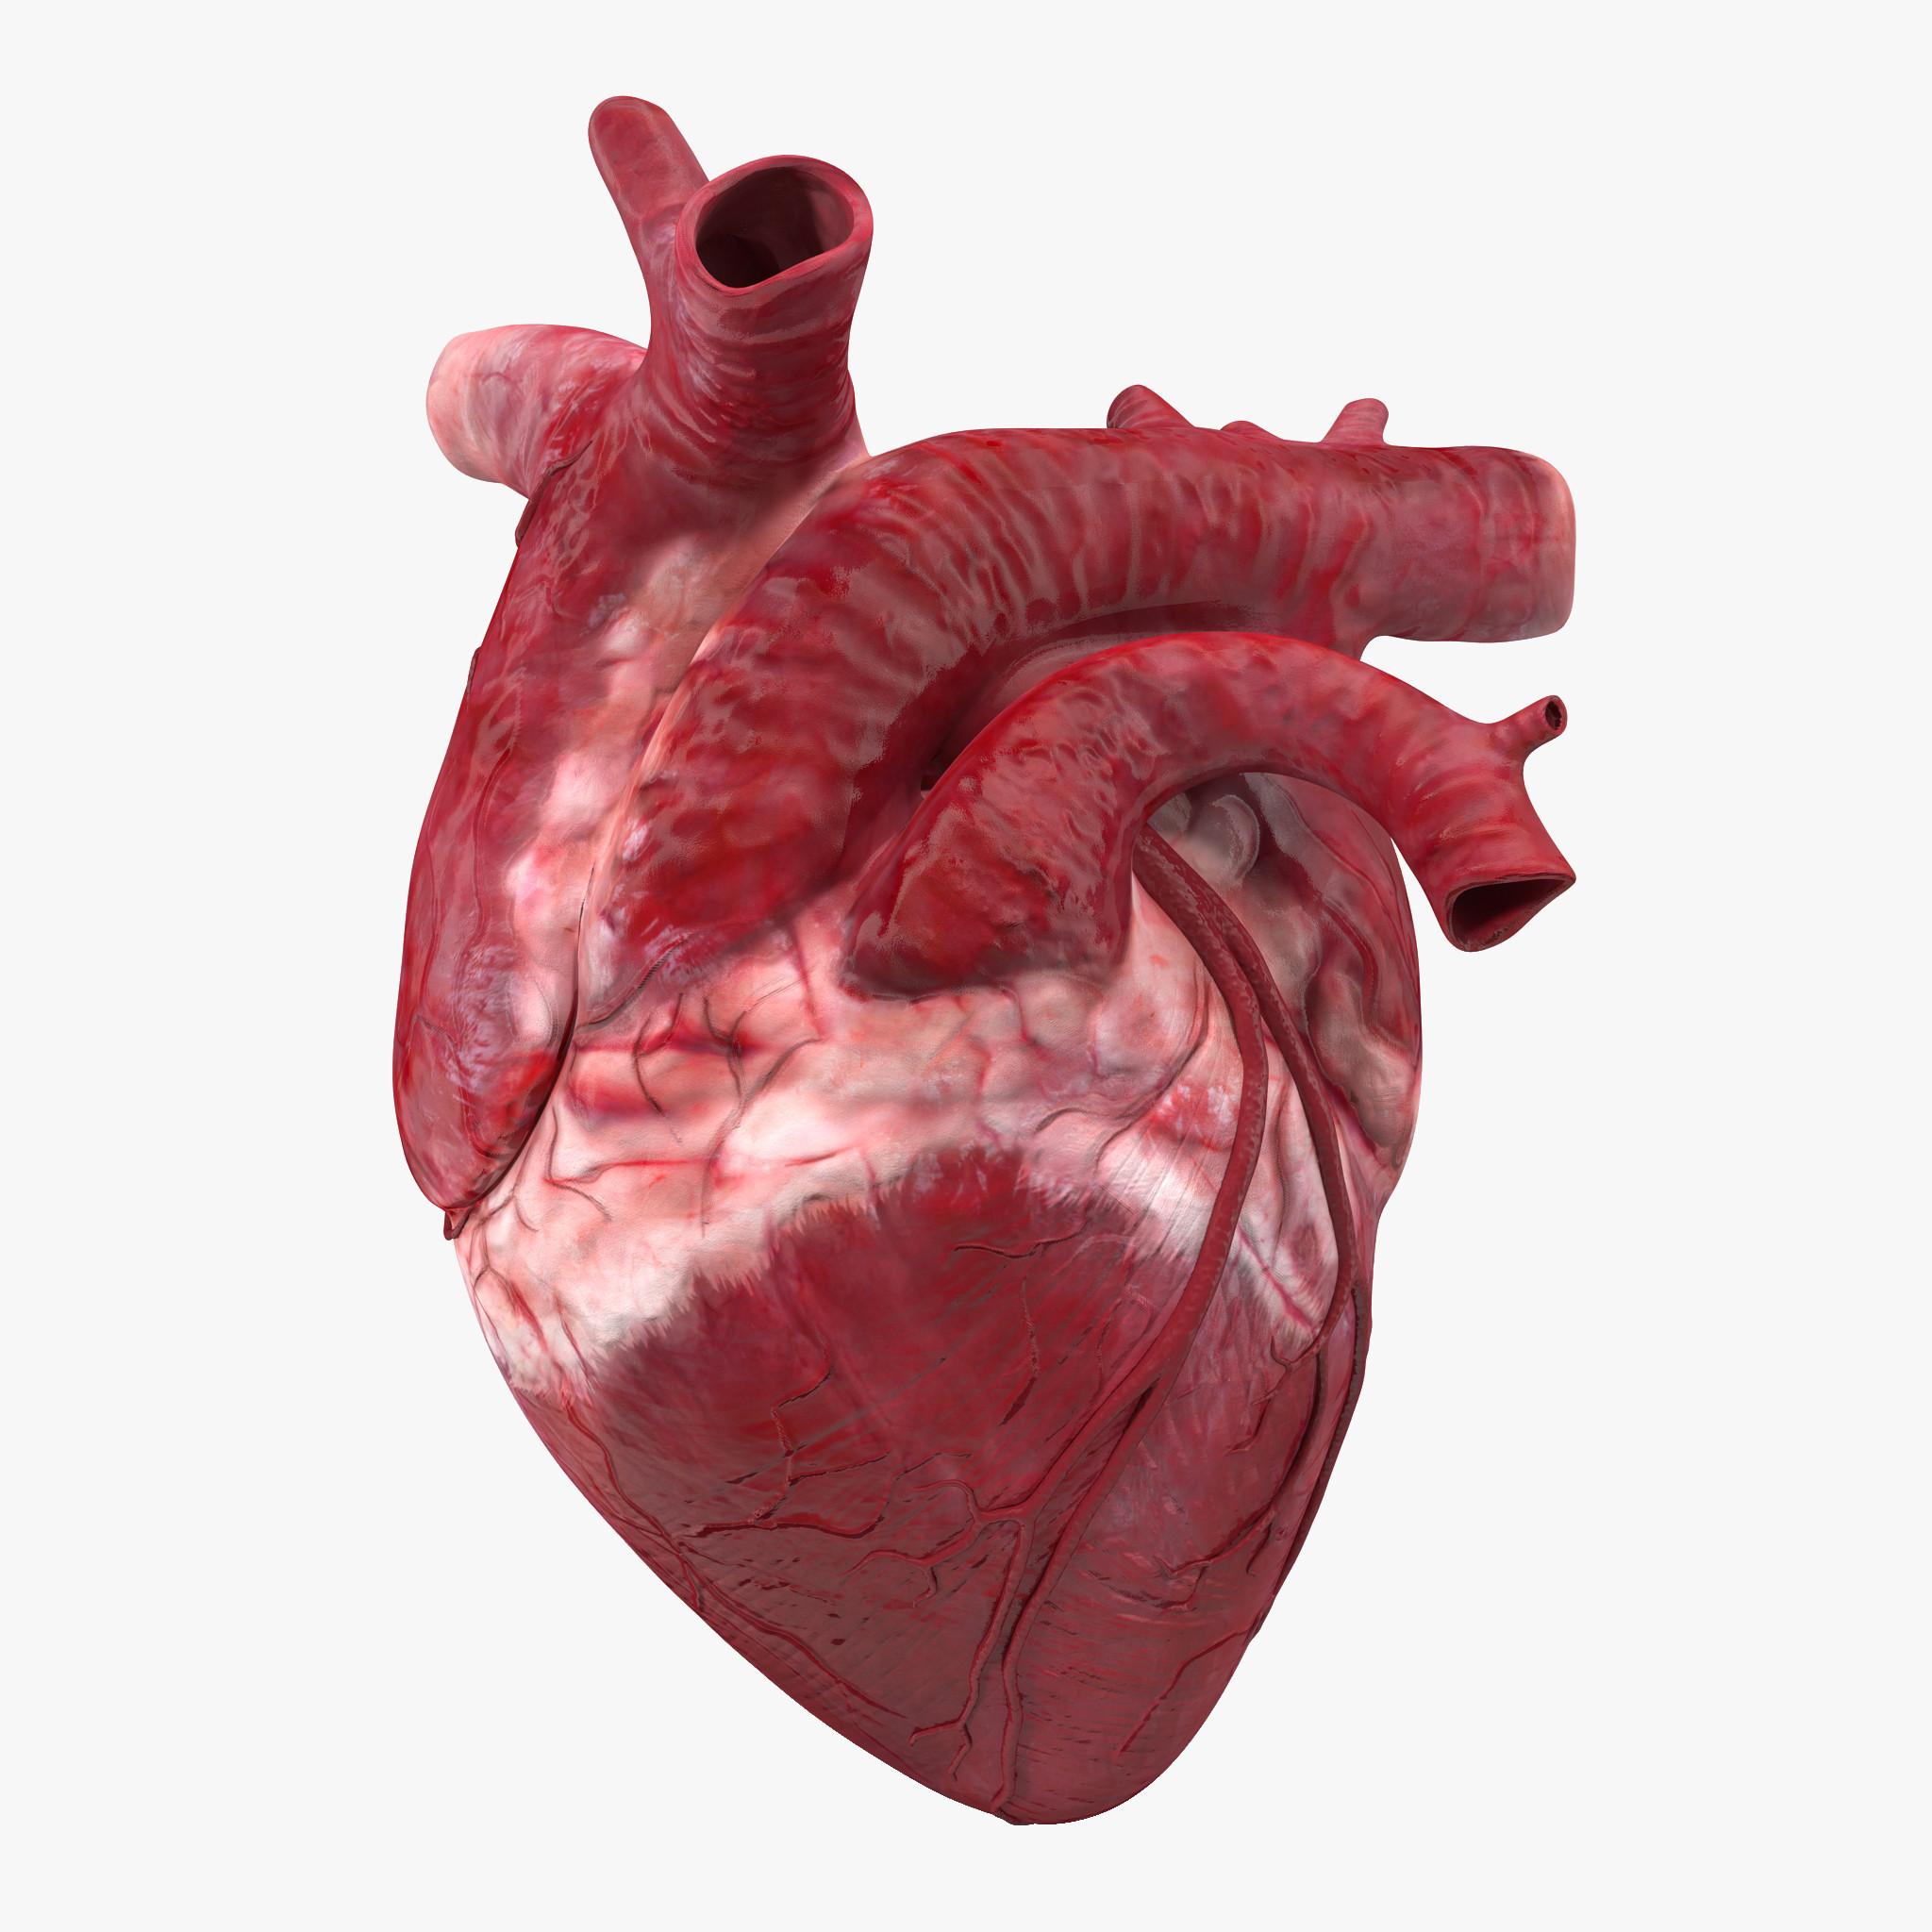 با این تست ساده، در 60 ثانیه از سلامت قلبتان باخبر شوید+عکس